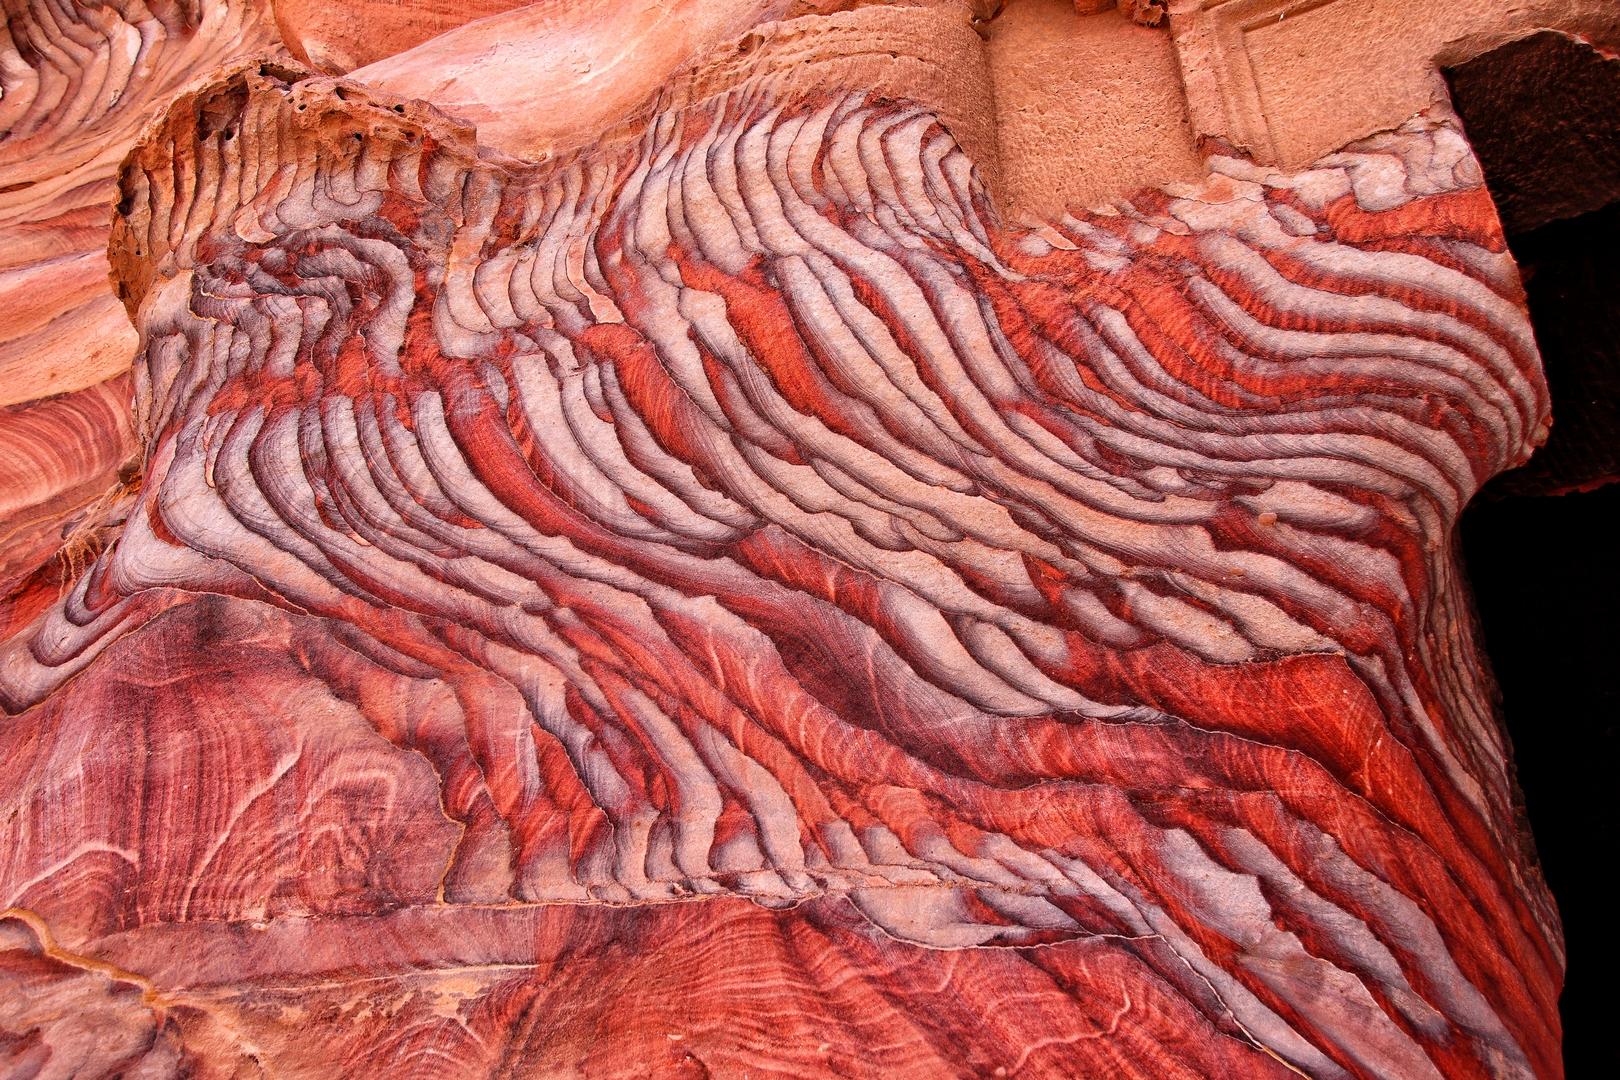 Jordanie - Roche zébrée et colorée sur le site de Petra